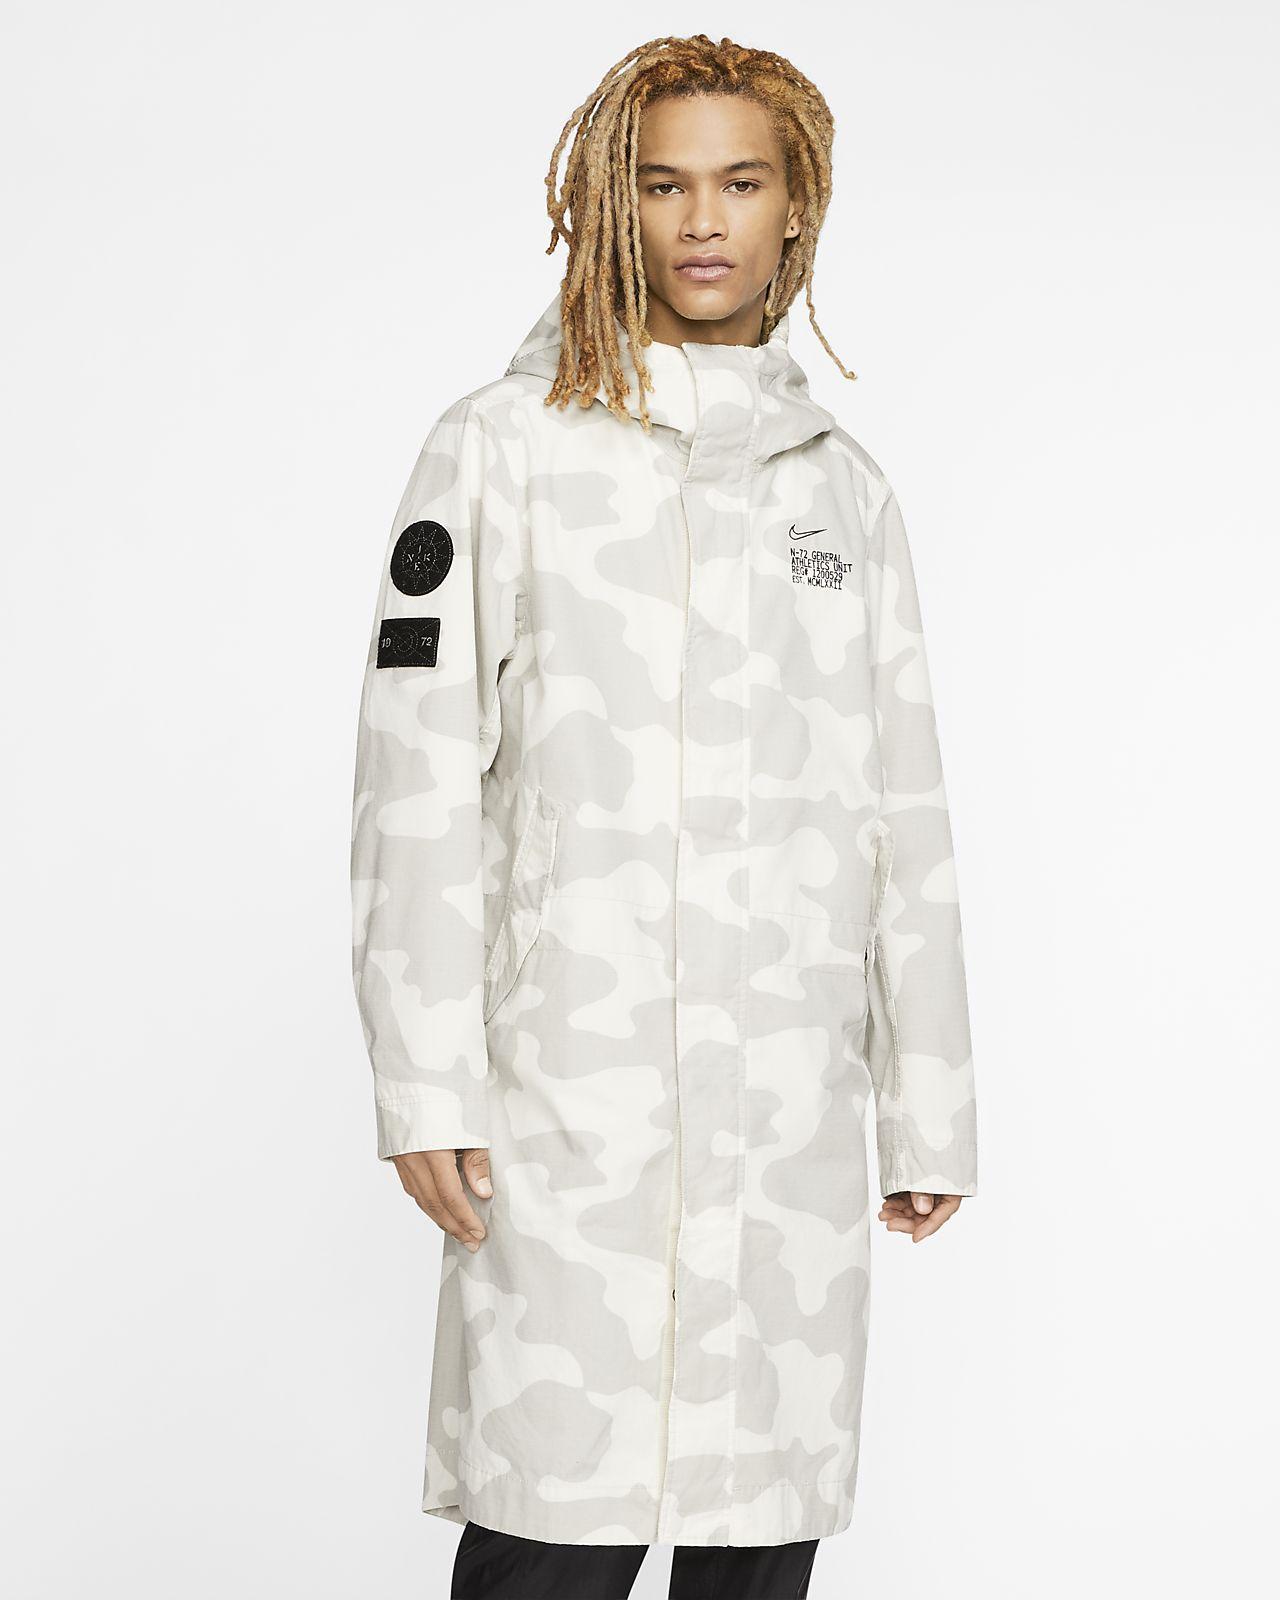 Nike Sportswear Men's Parka